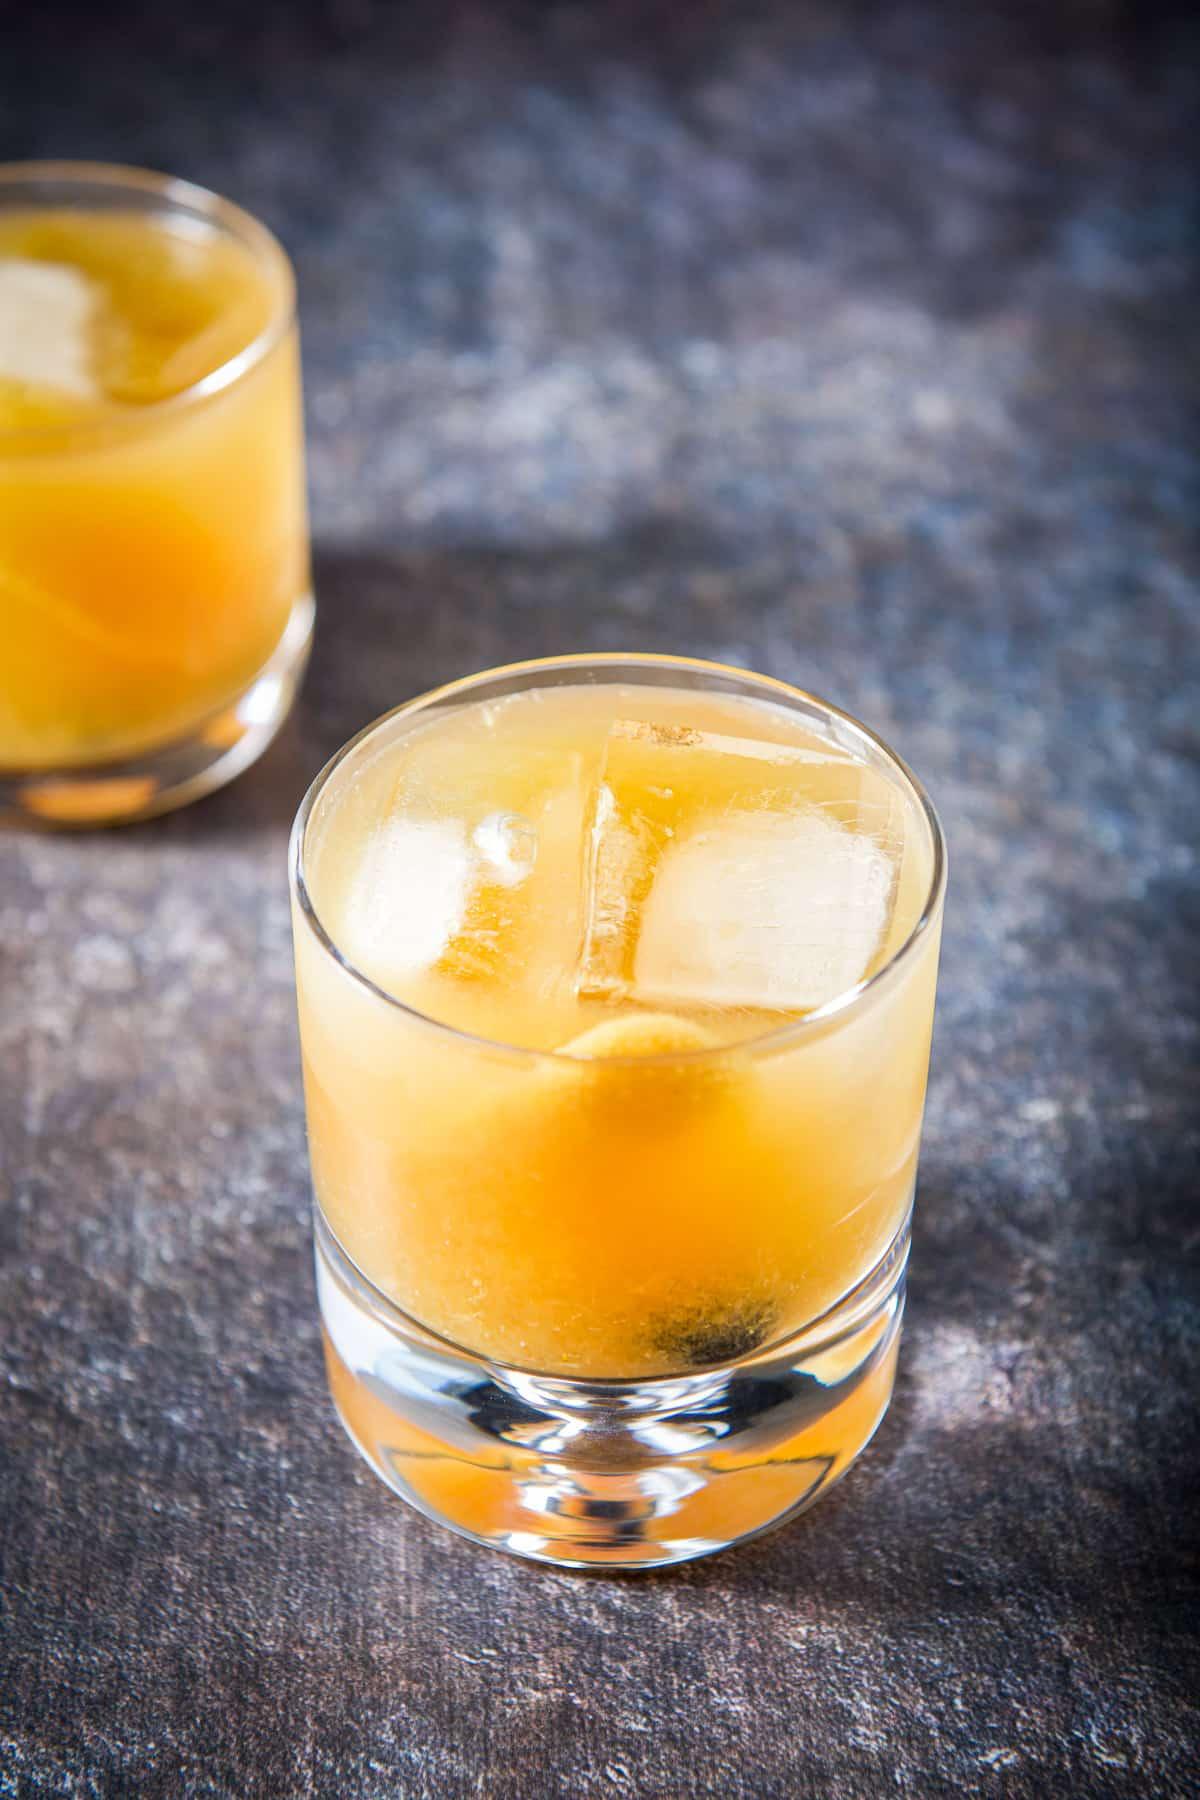 Big ice cubes in the amaretto drink with orange zest garnish